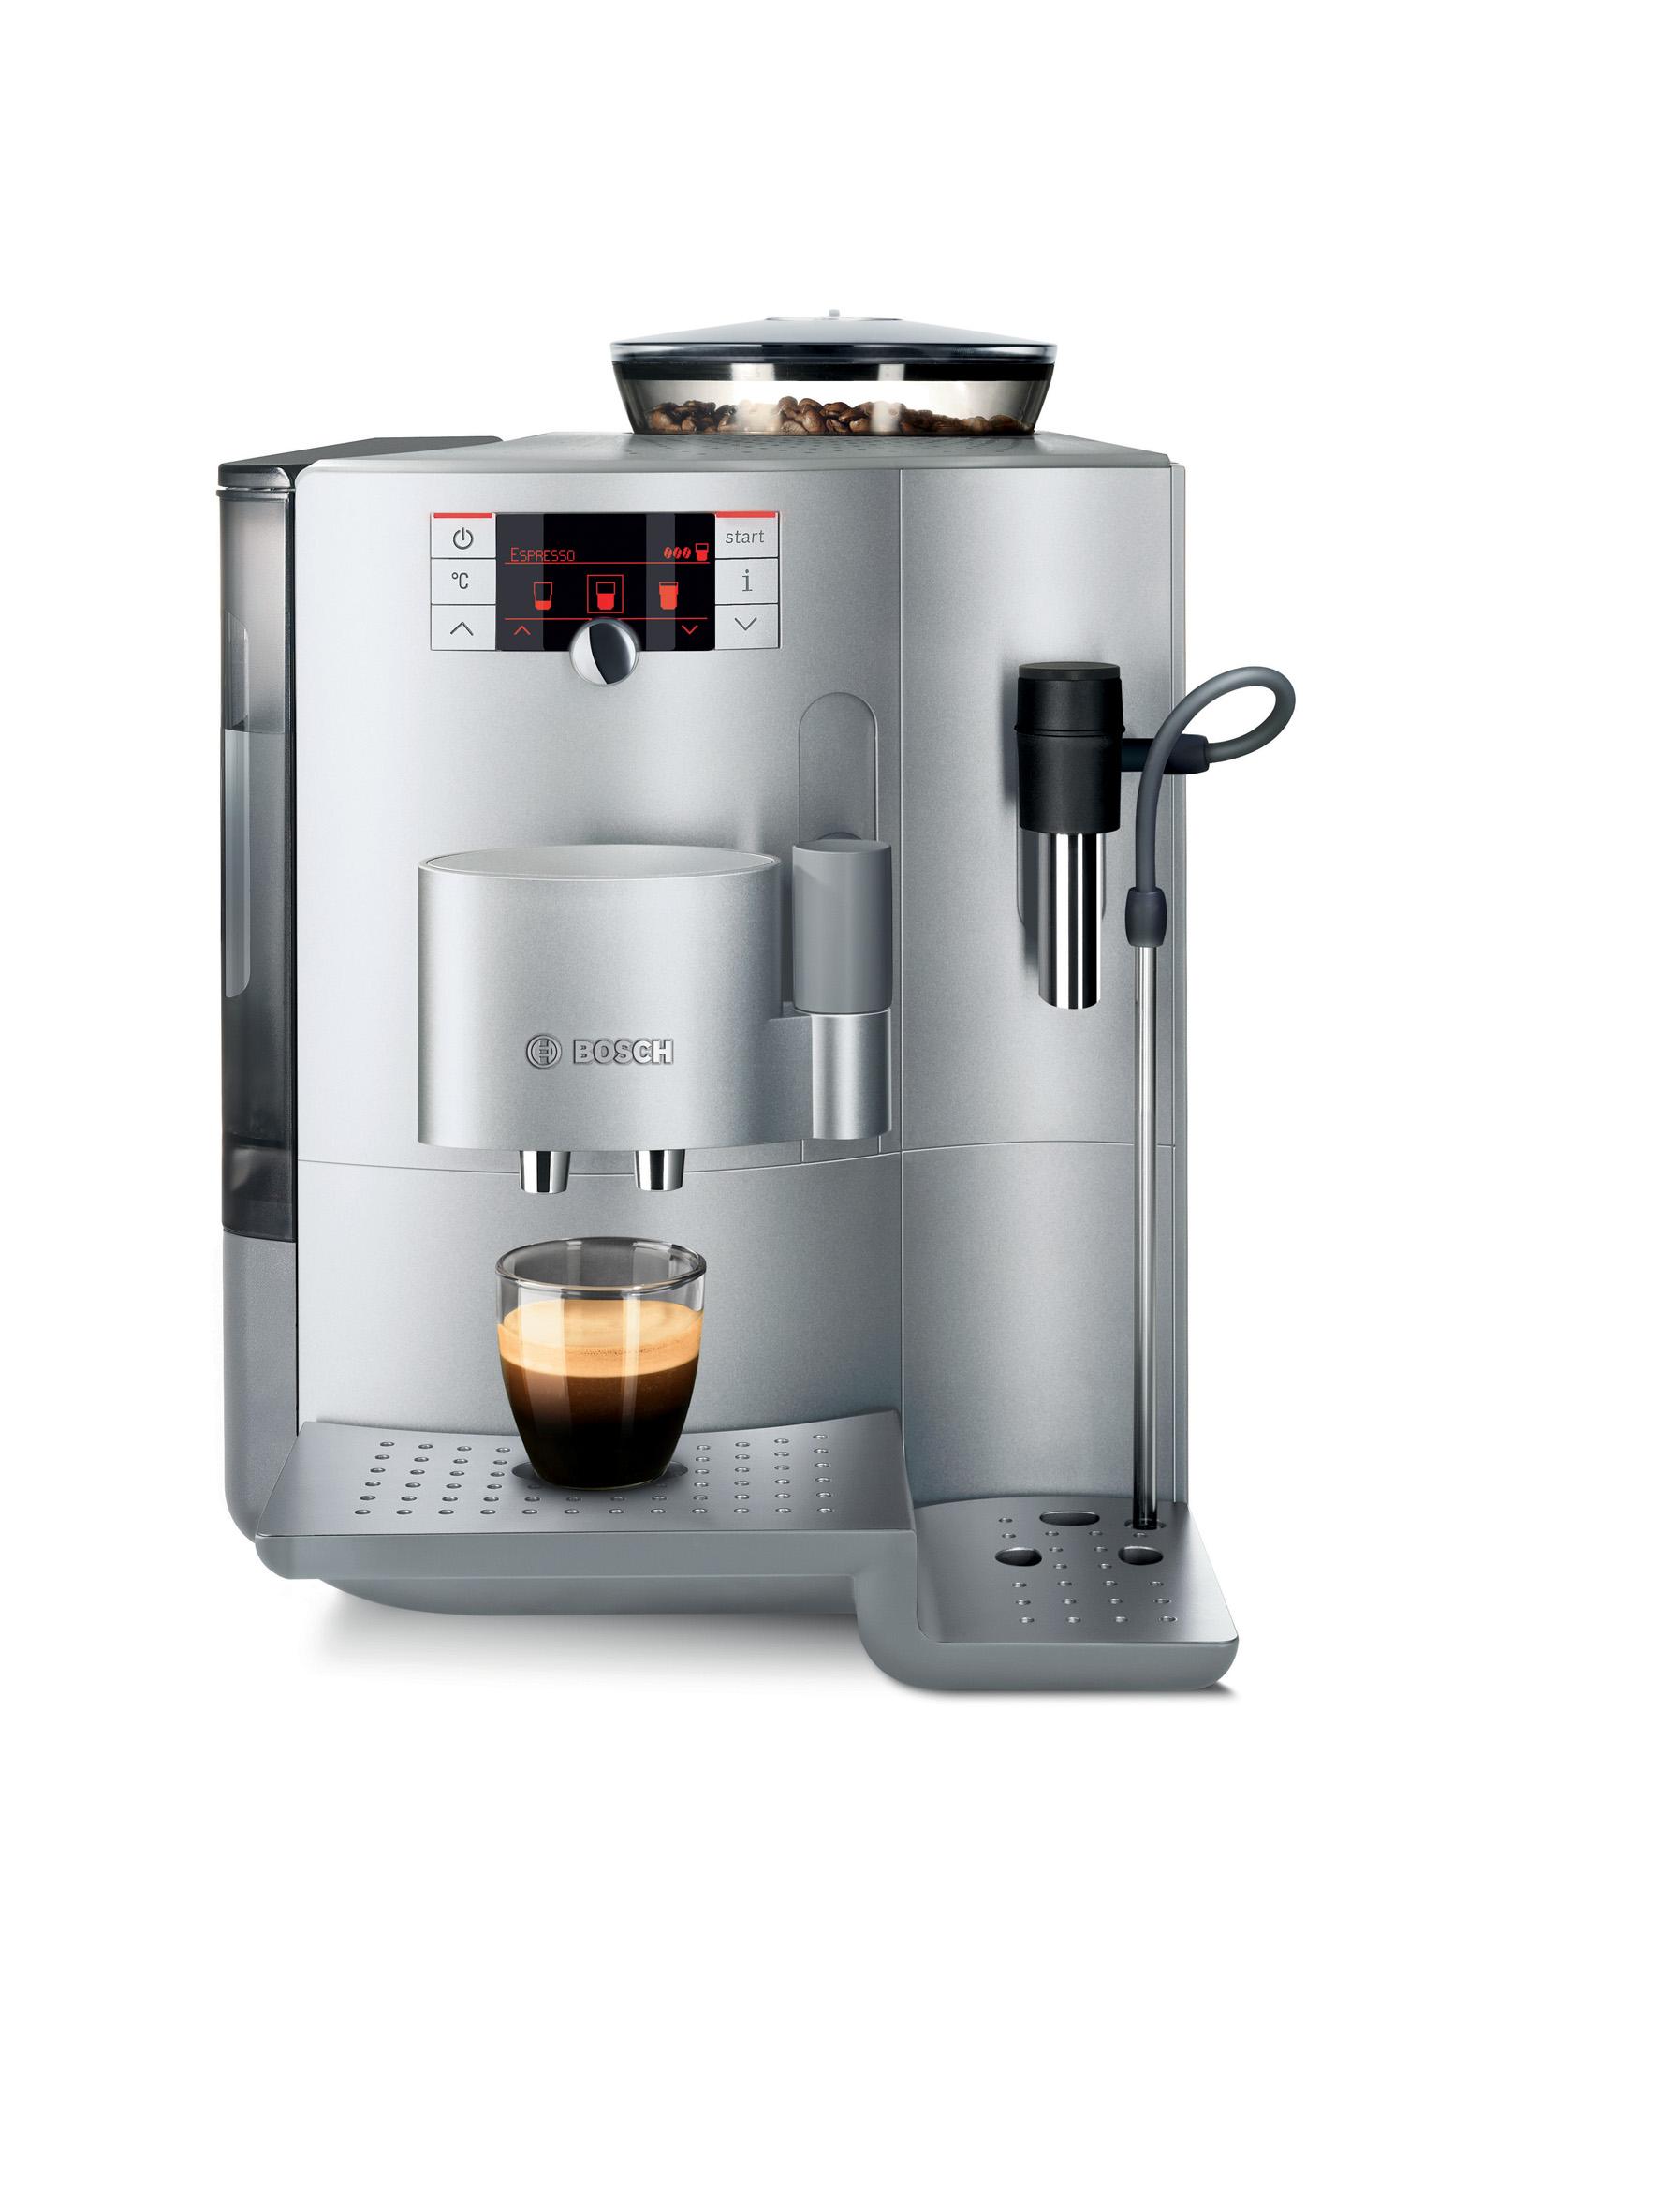 bosch kaffeevollautomat verobar 100 mit der note gut 1 8 zum sieg im kaffeevollautomaten test. Black Bedroom Furniture Sets. Home Design Ideas